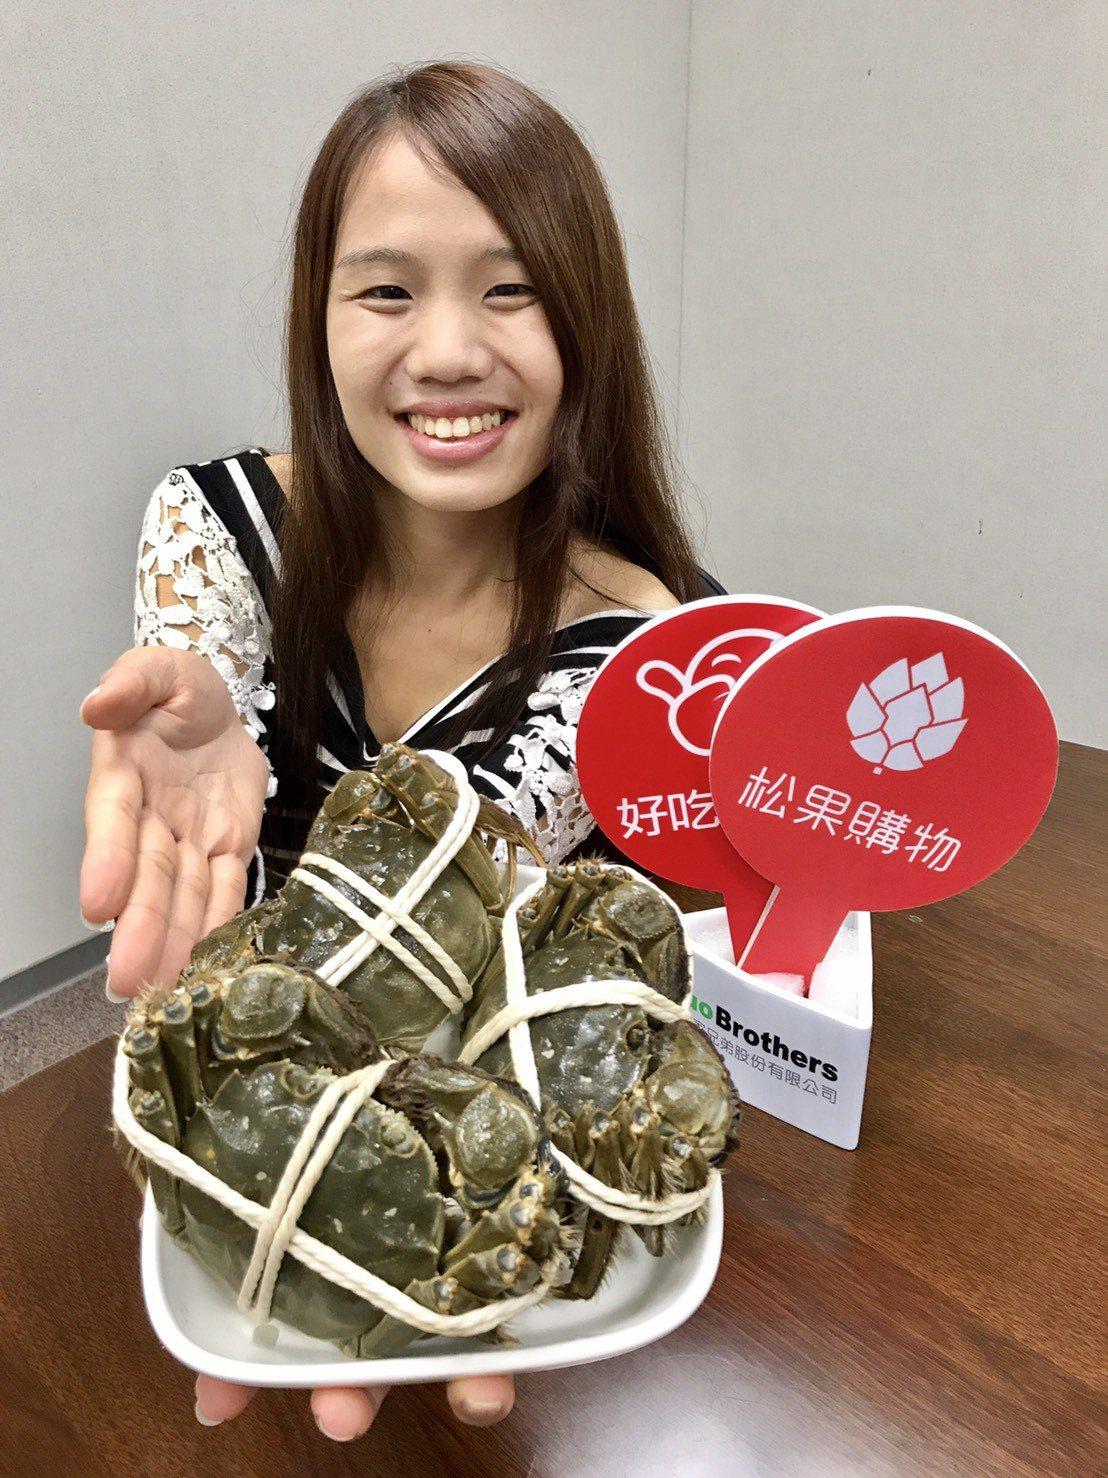 好吃宅配網推出「大閘蟹」專區,囊括了近50款台灣、江蘇、江南等各地的大閘蟹。圖/...